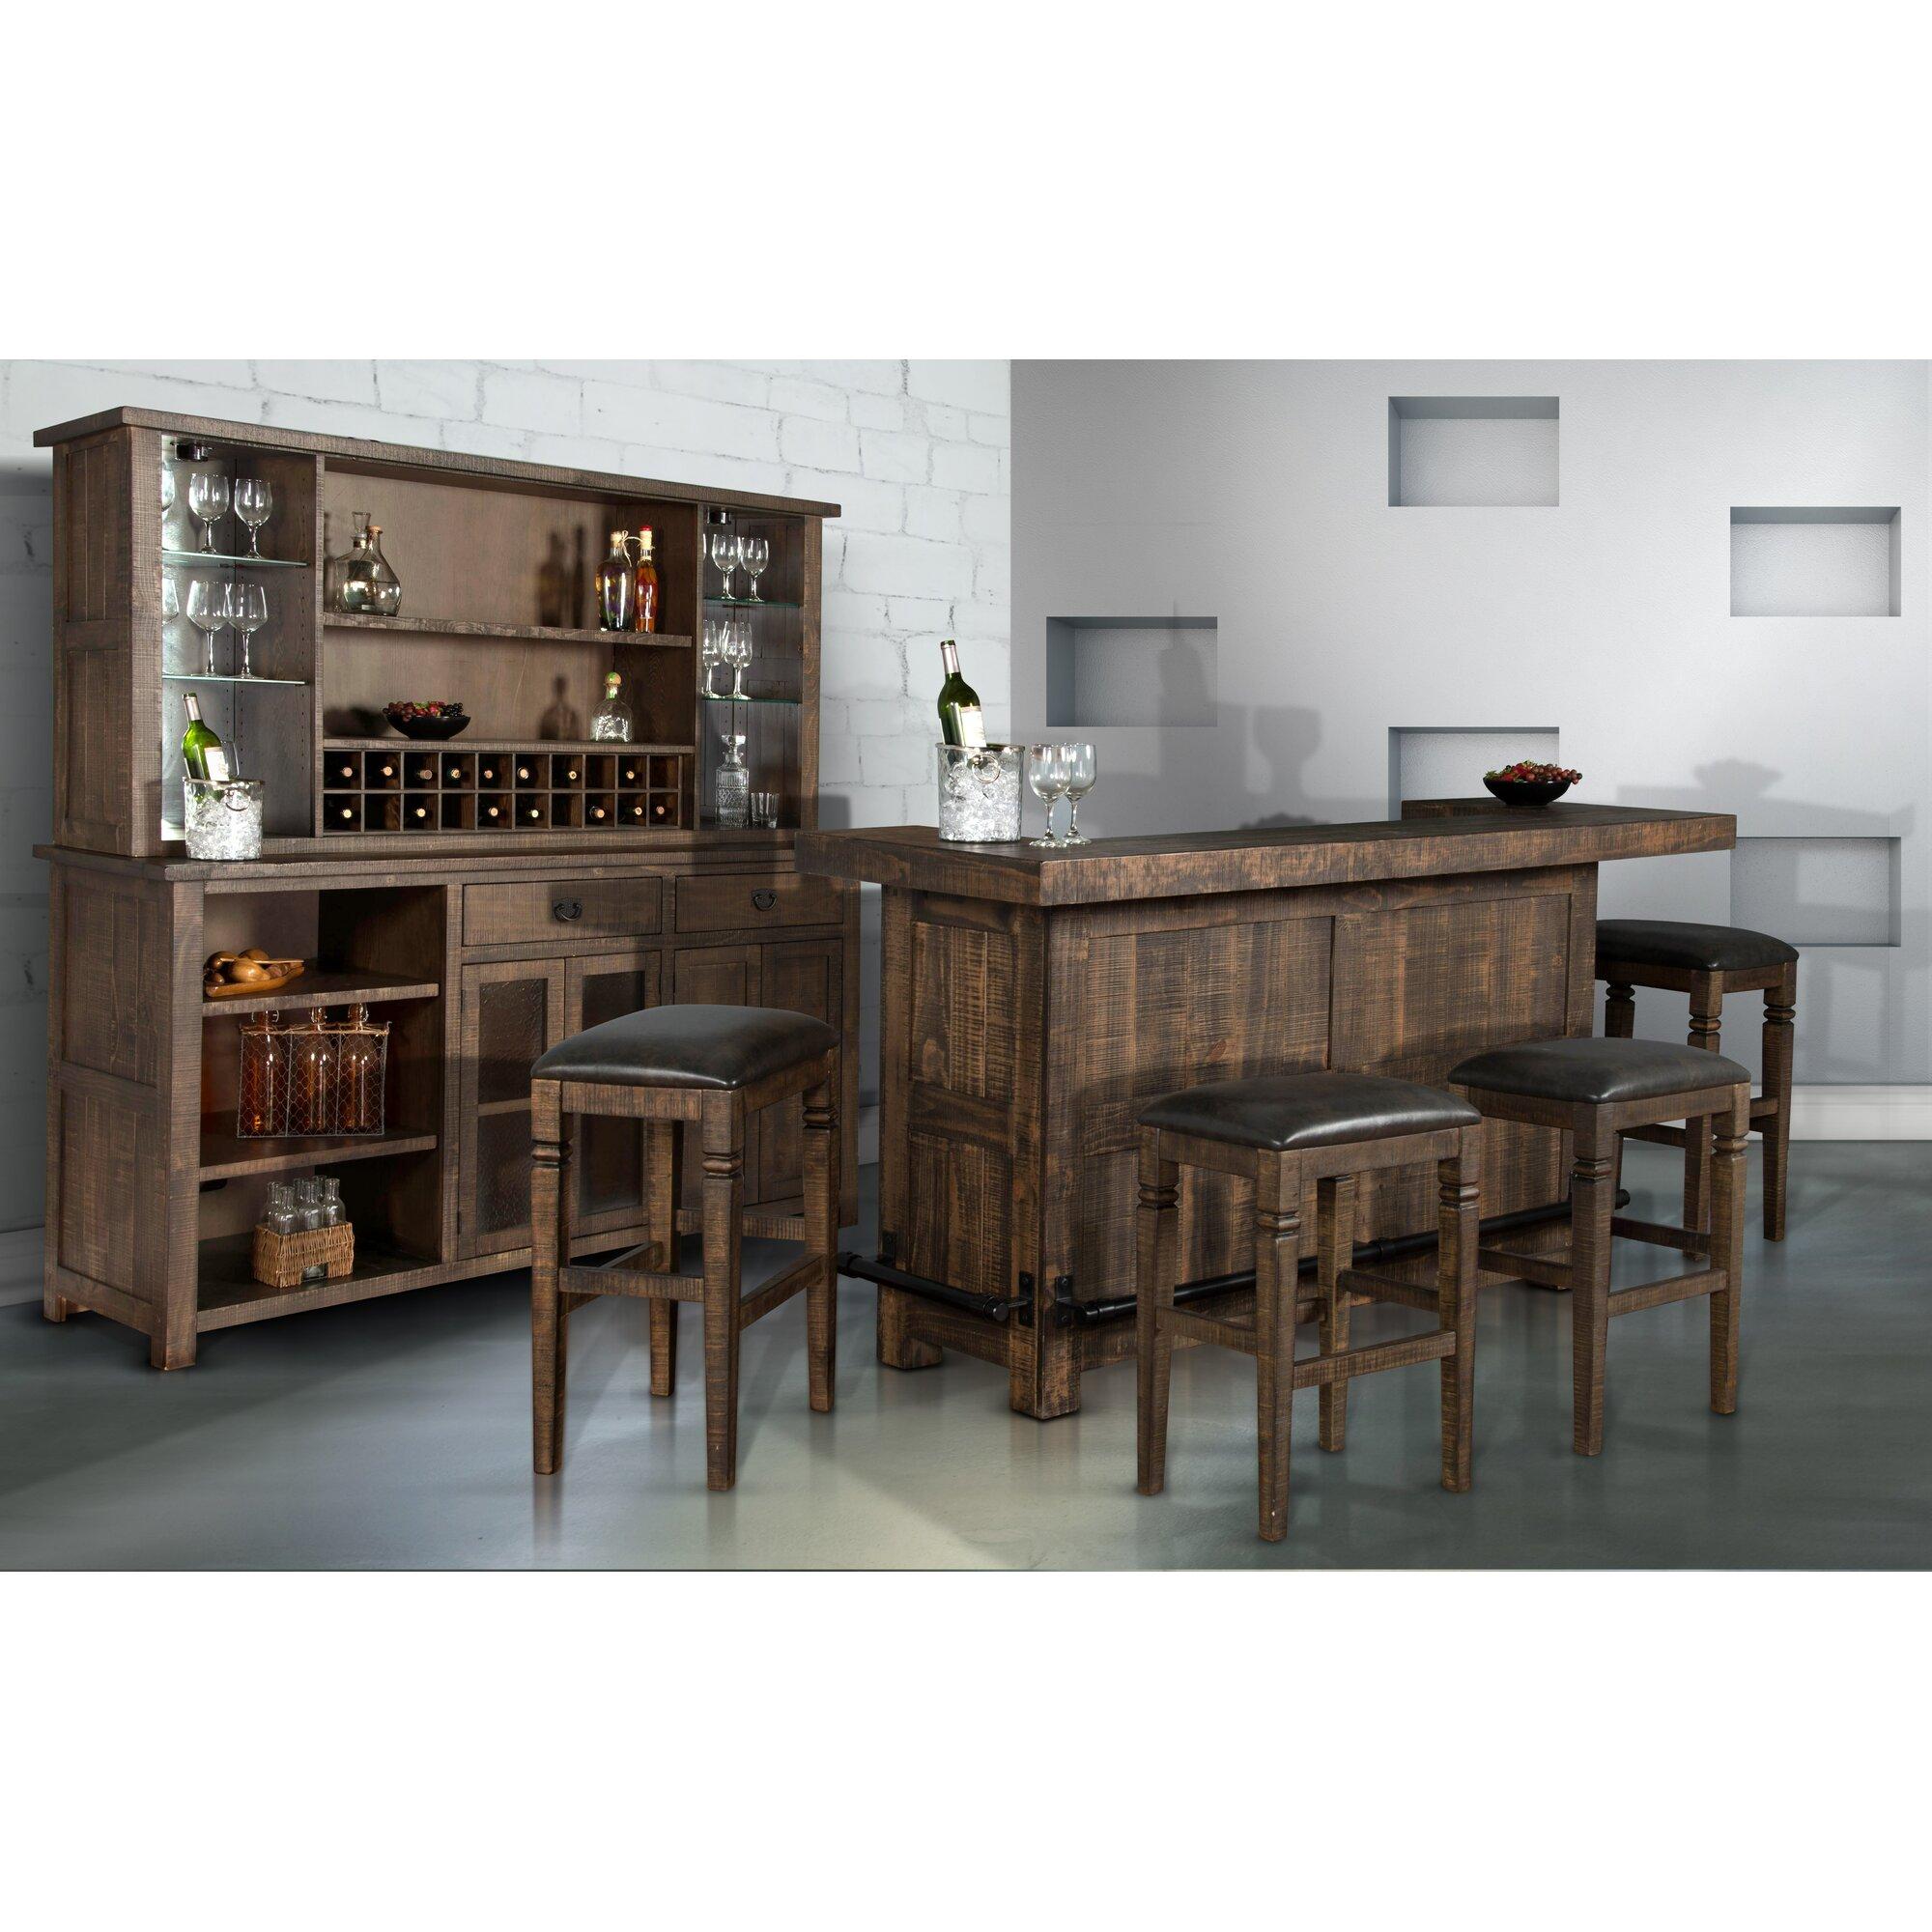 Laurel foundry modern farmhouse callie bar reviews wayfair - Laurel foundry modern farmhouse bedroom ...